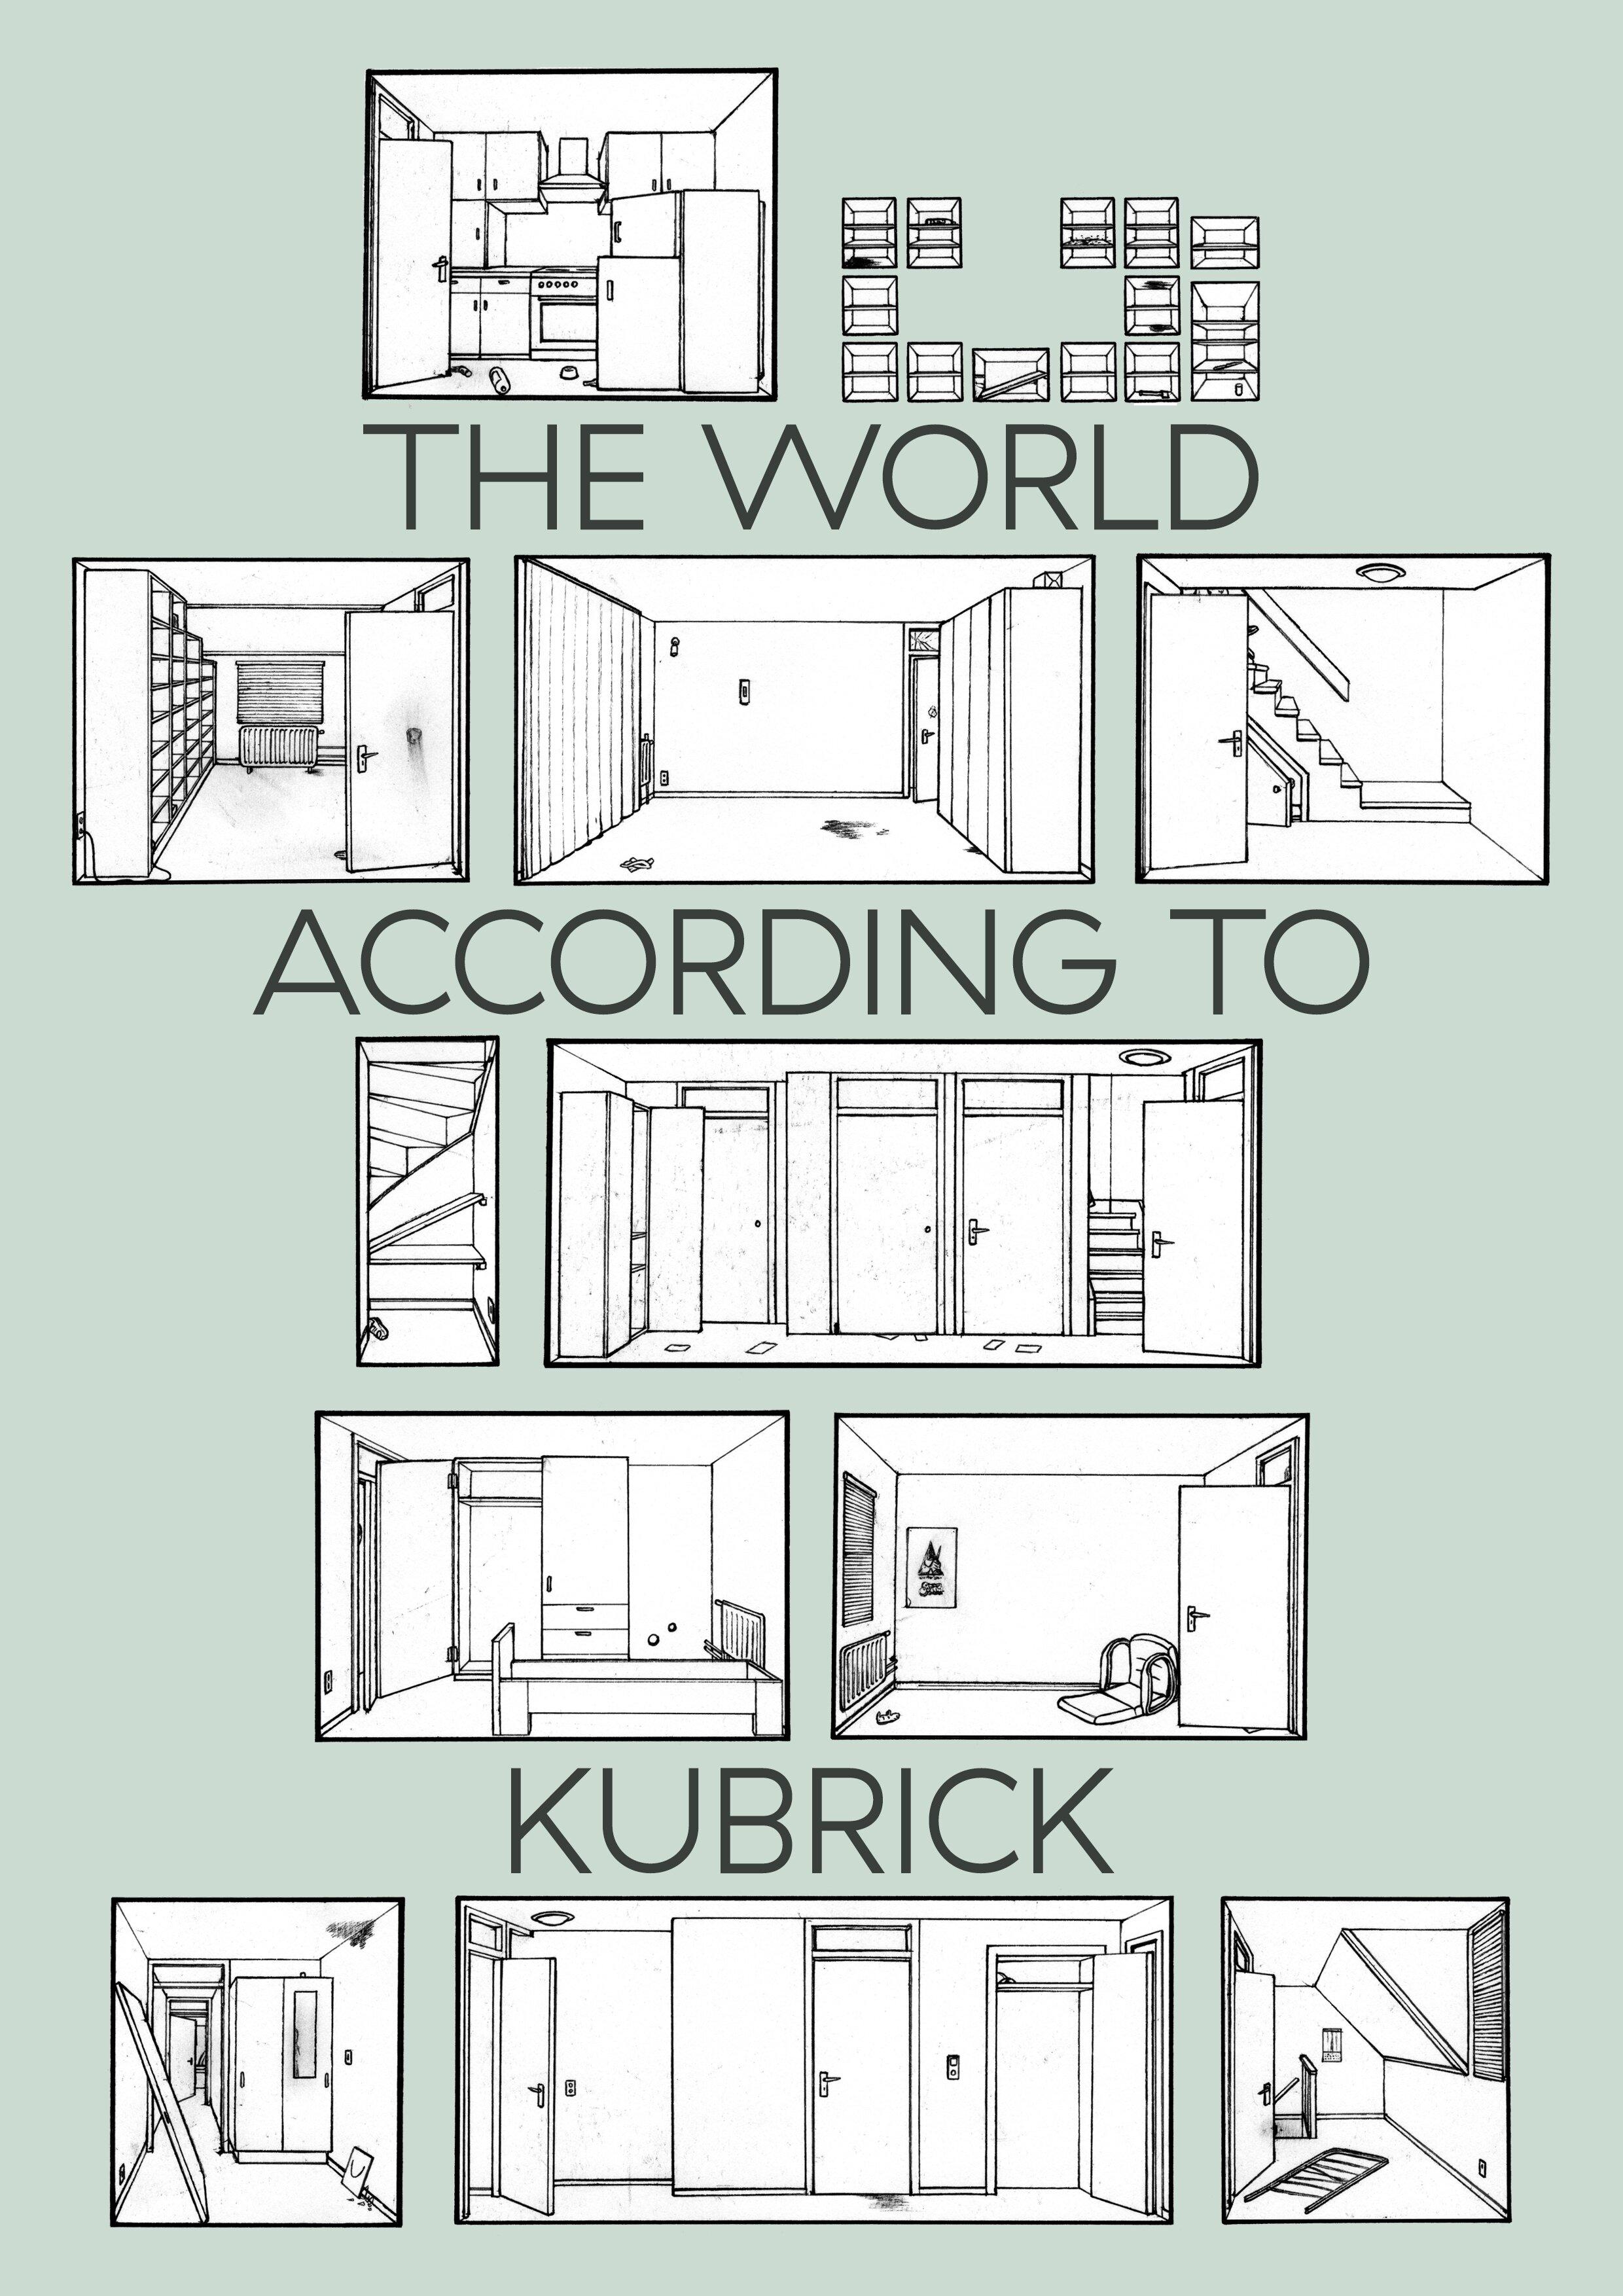 The world according to Kubrick